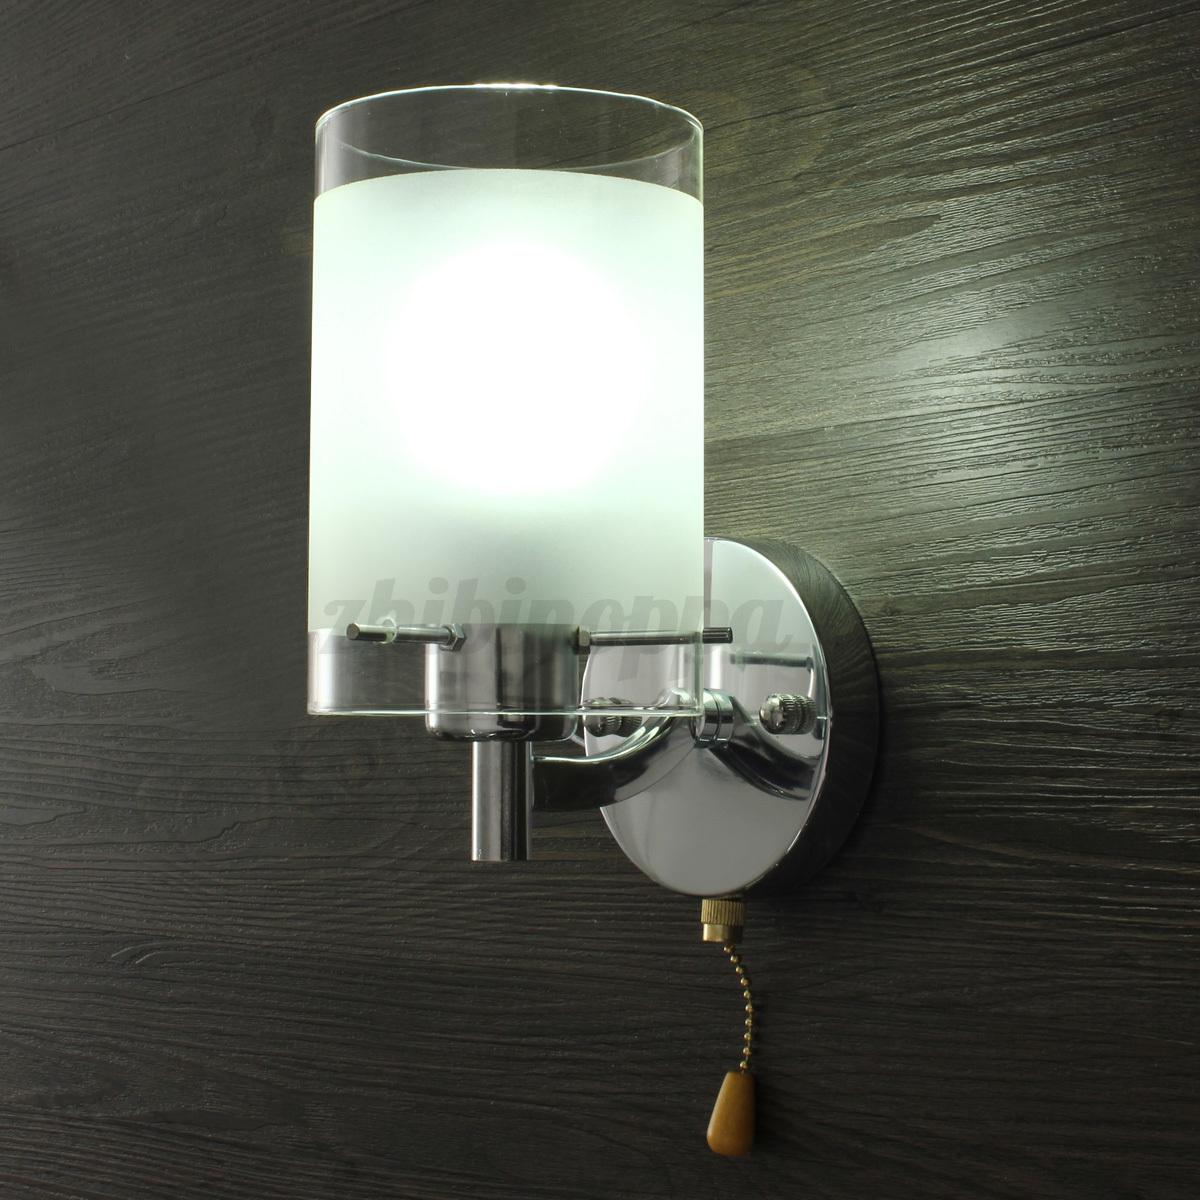 Modern Wall Light Sconce Lighting Lamp Fixture Indoor Home Bedroom ...